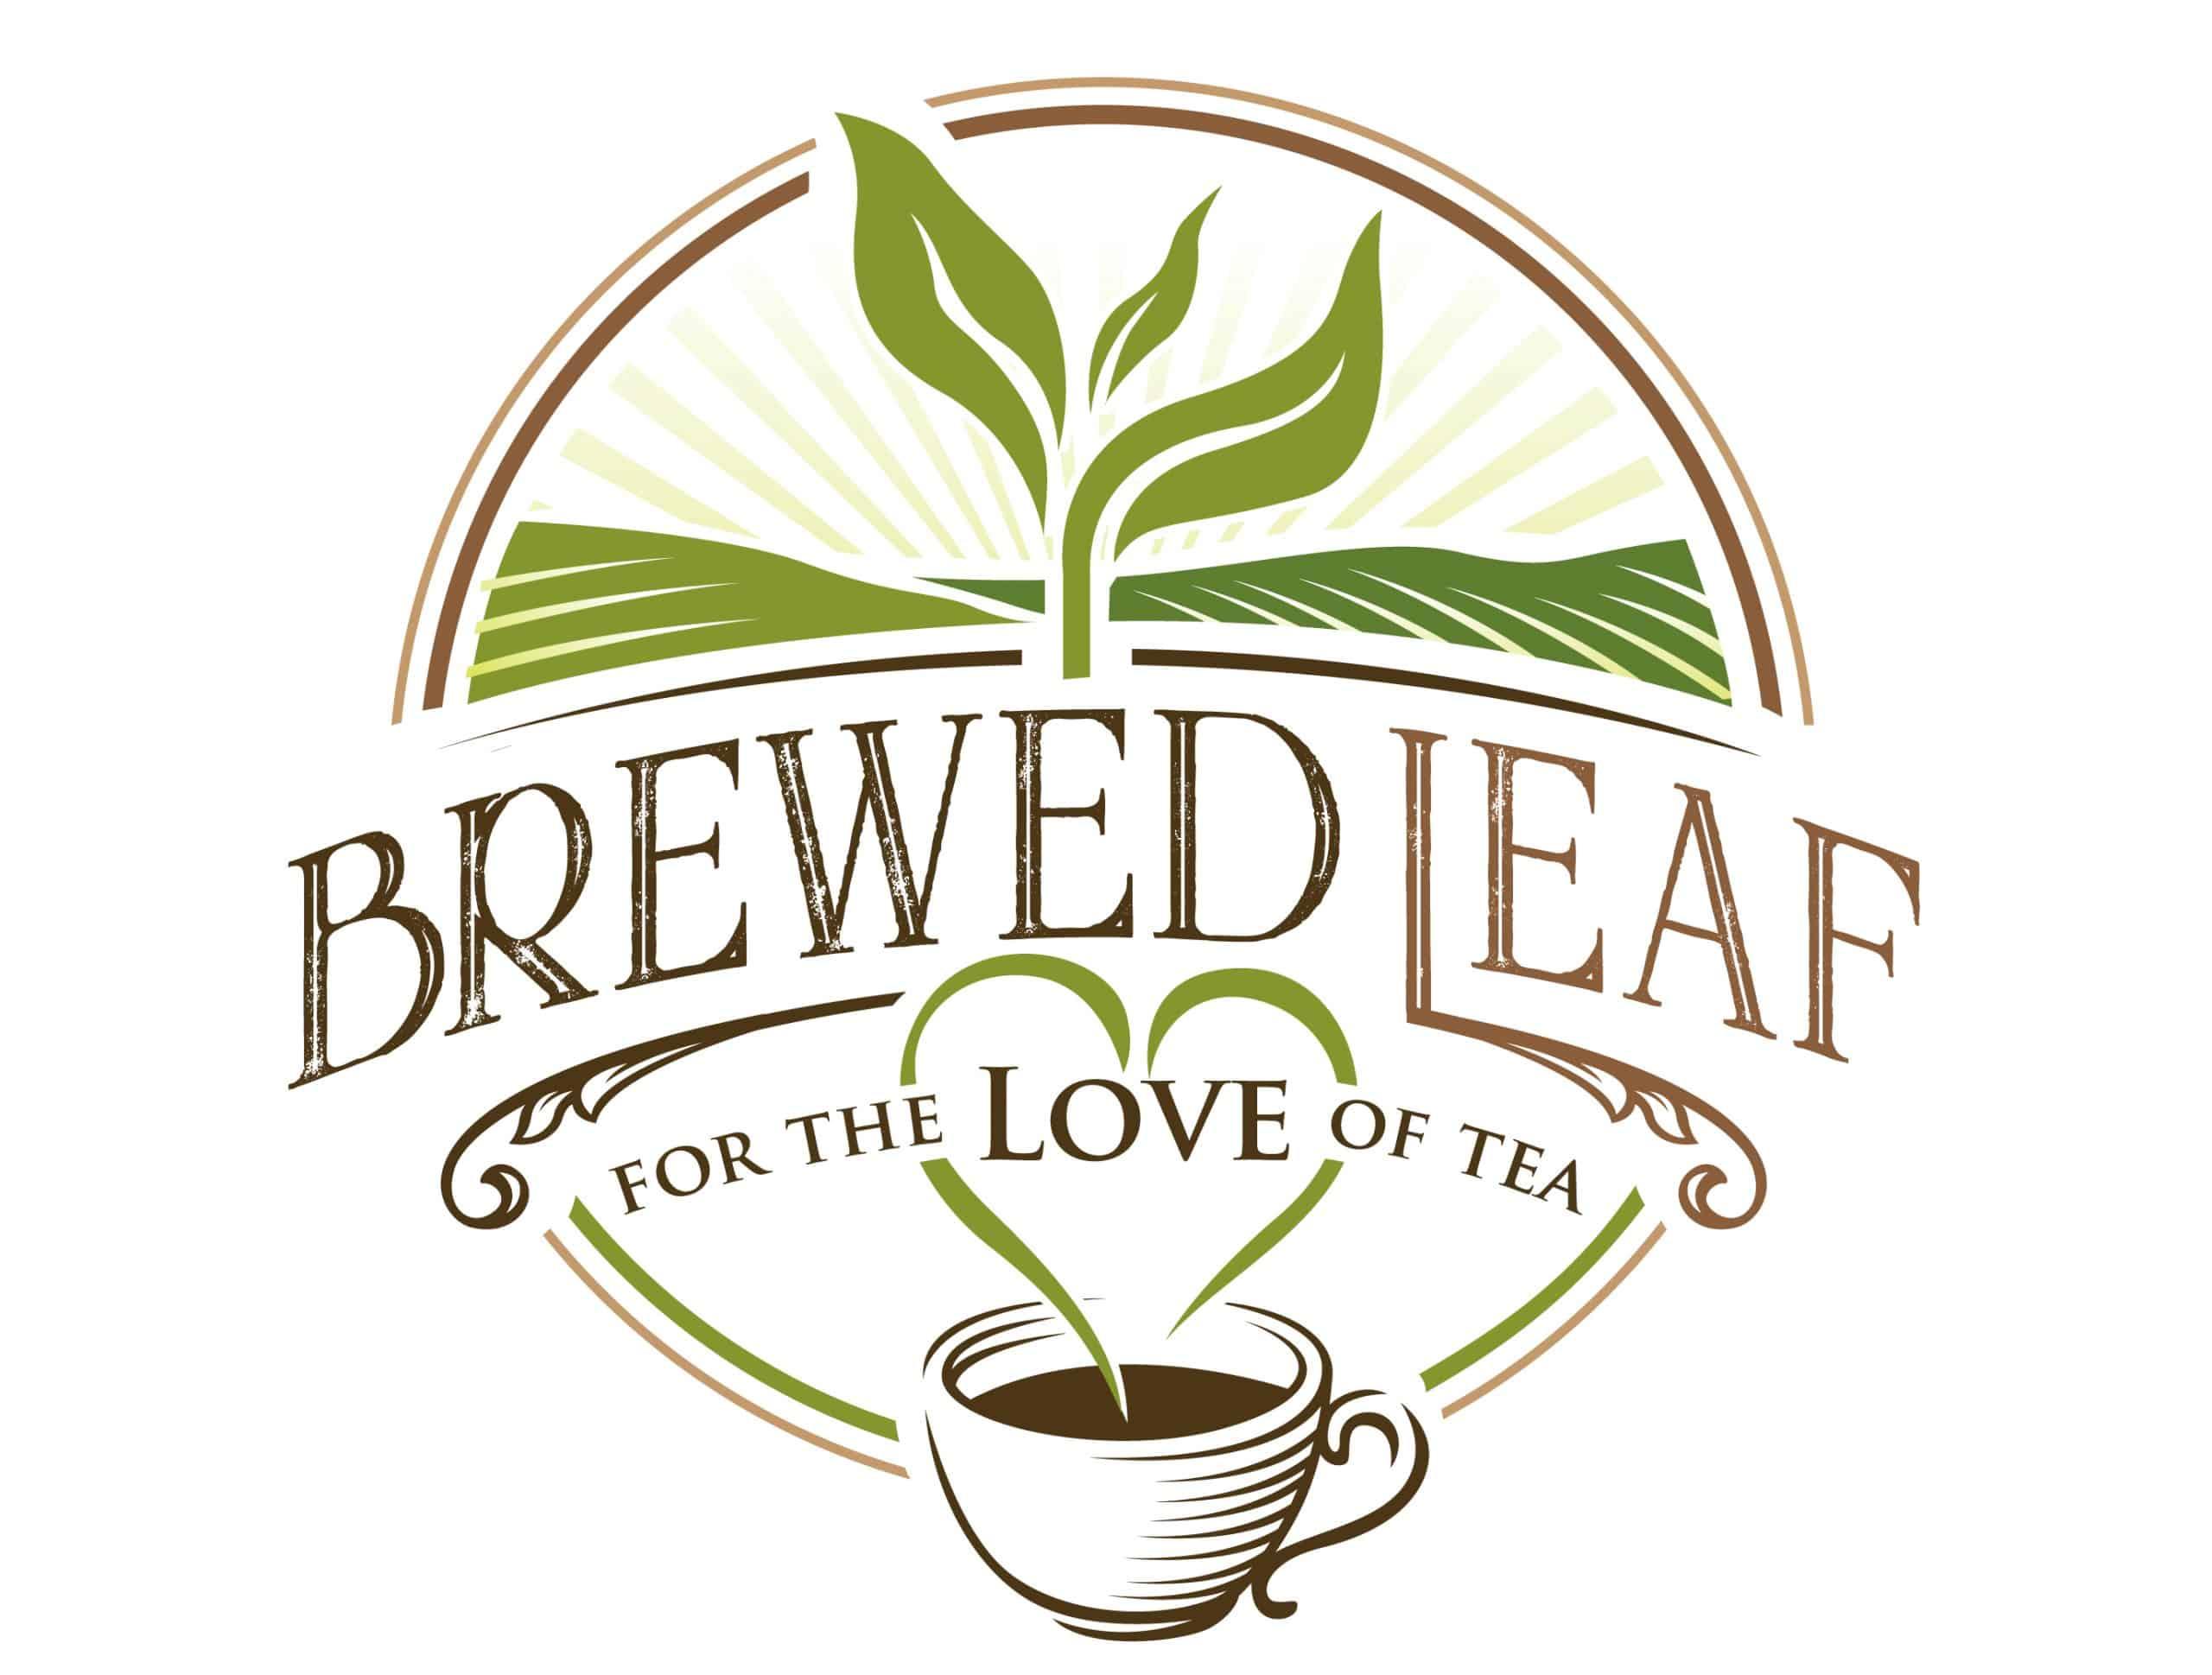 Brewed Leaf Love